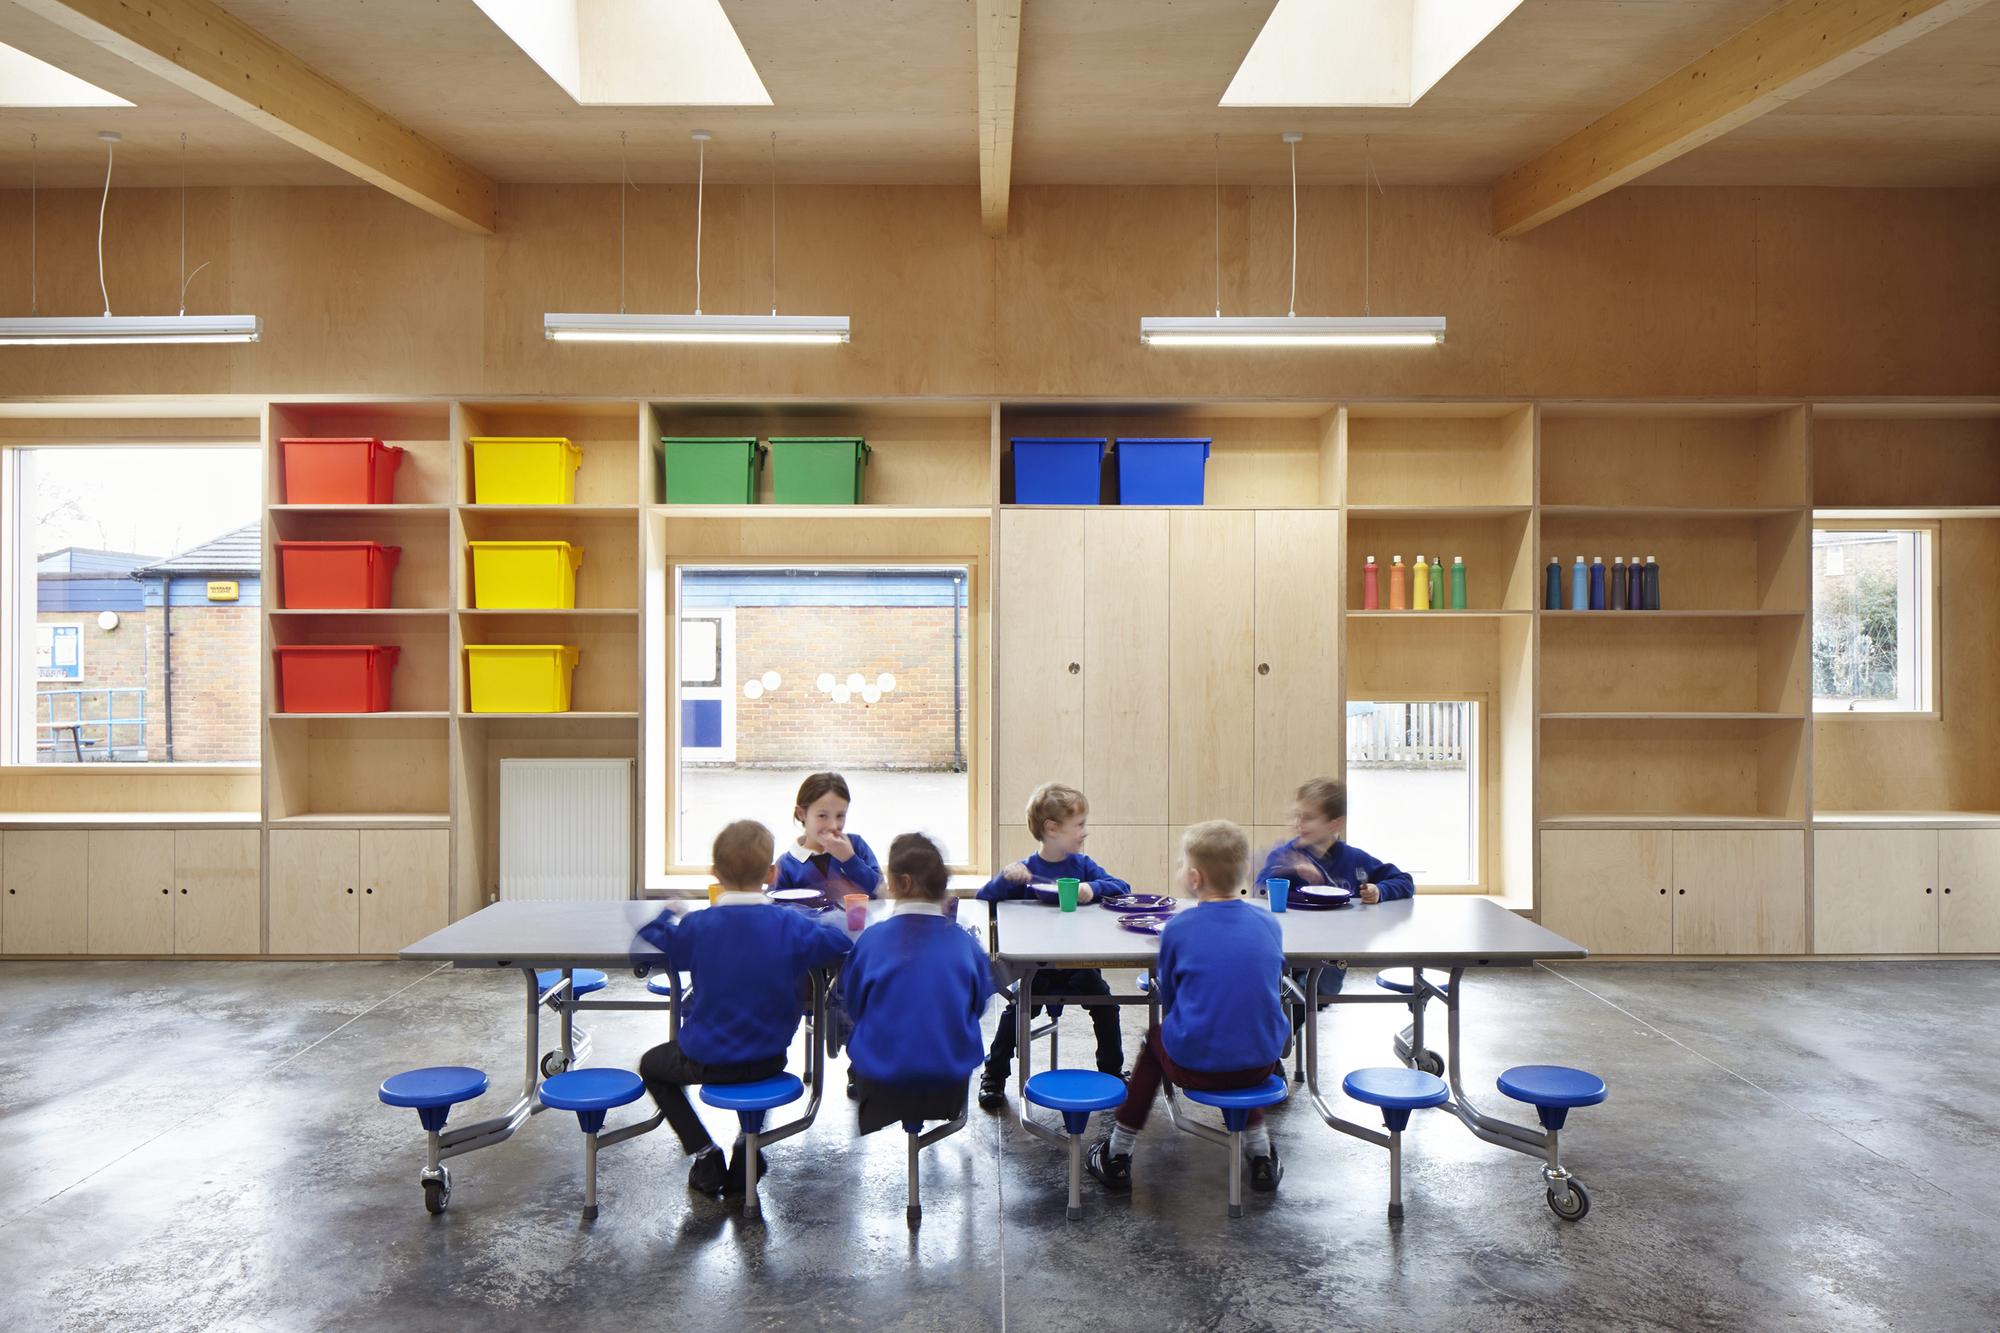 Galer a de comedor de la escuela primaria prestwood de for Comedor de escuela